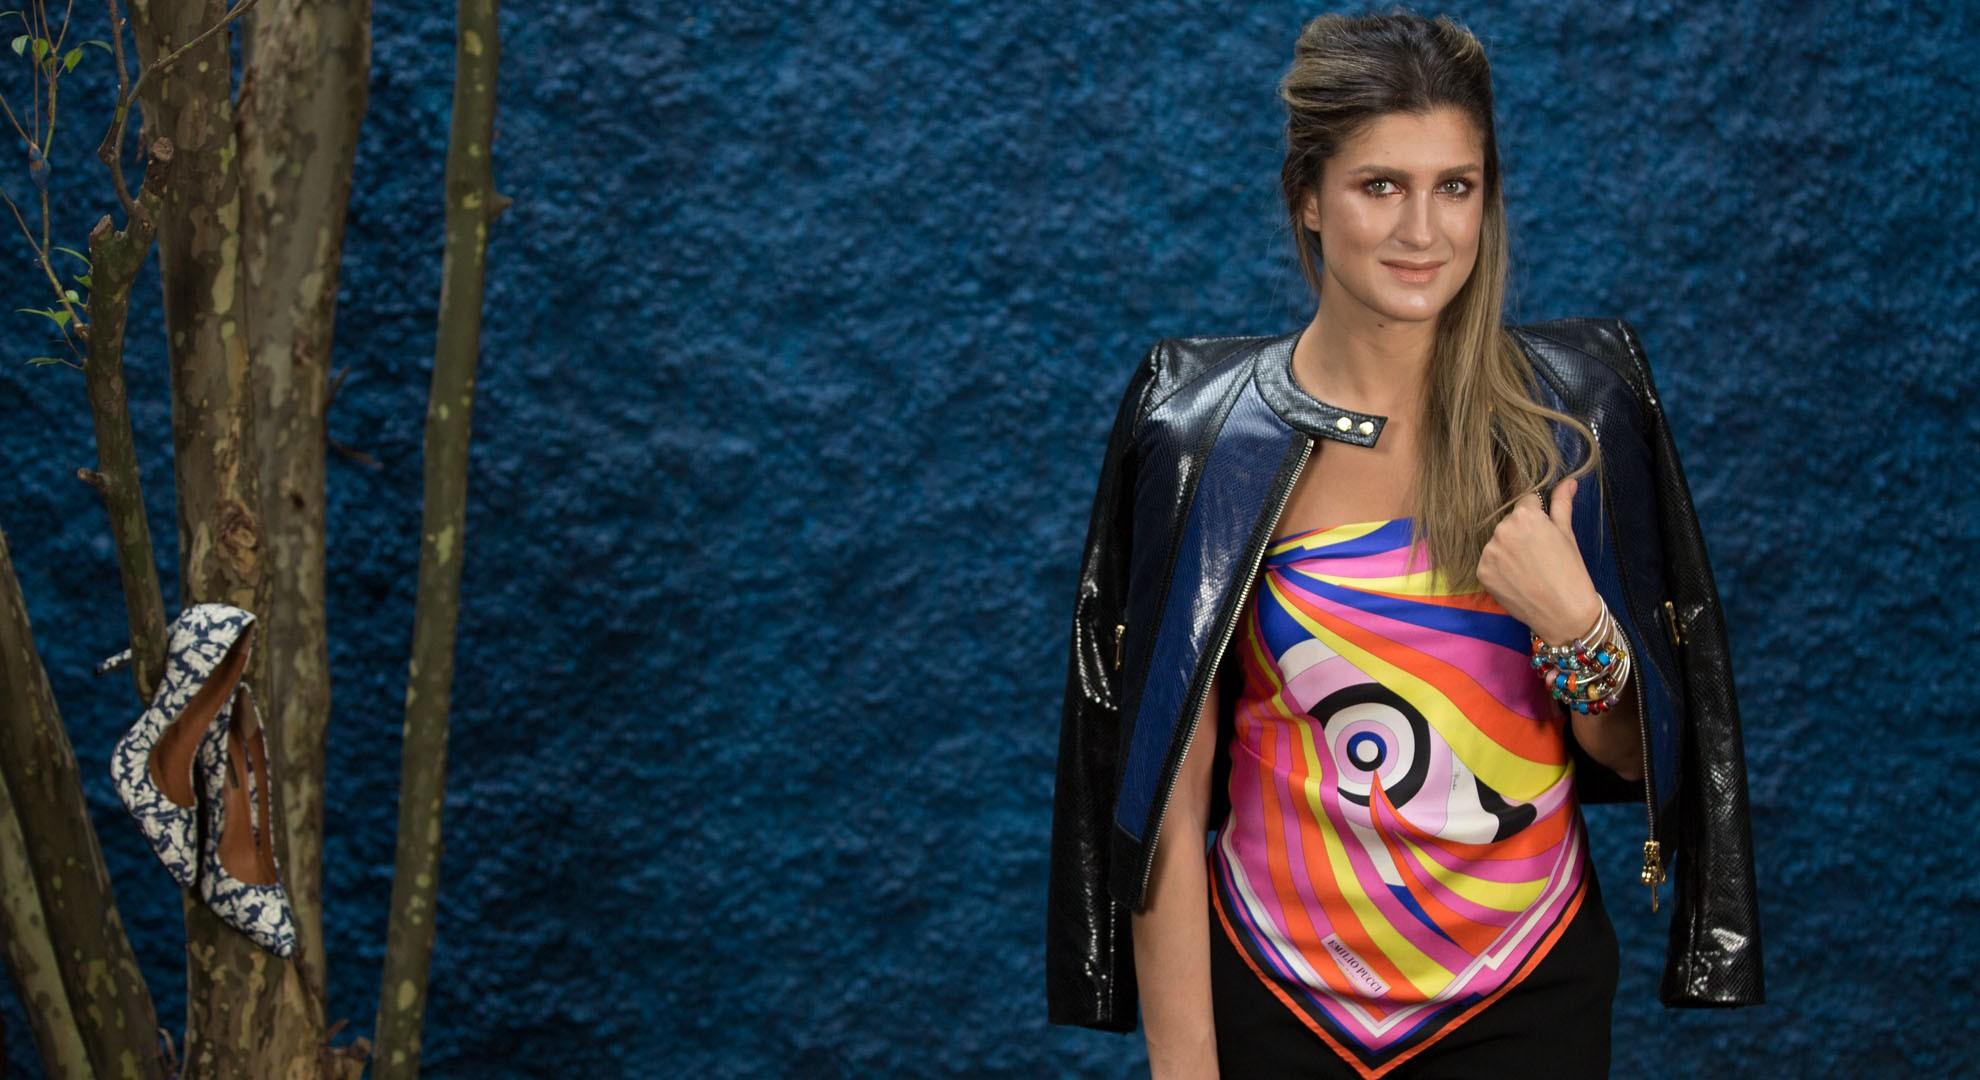 Atualize o uso do lenço de seda estampado no novo Dicas Bárbaras (Foto: Pablo Escajedo)